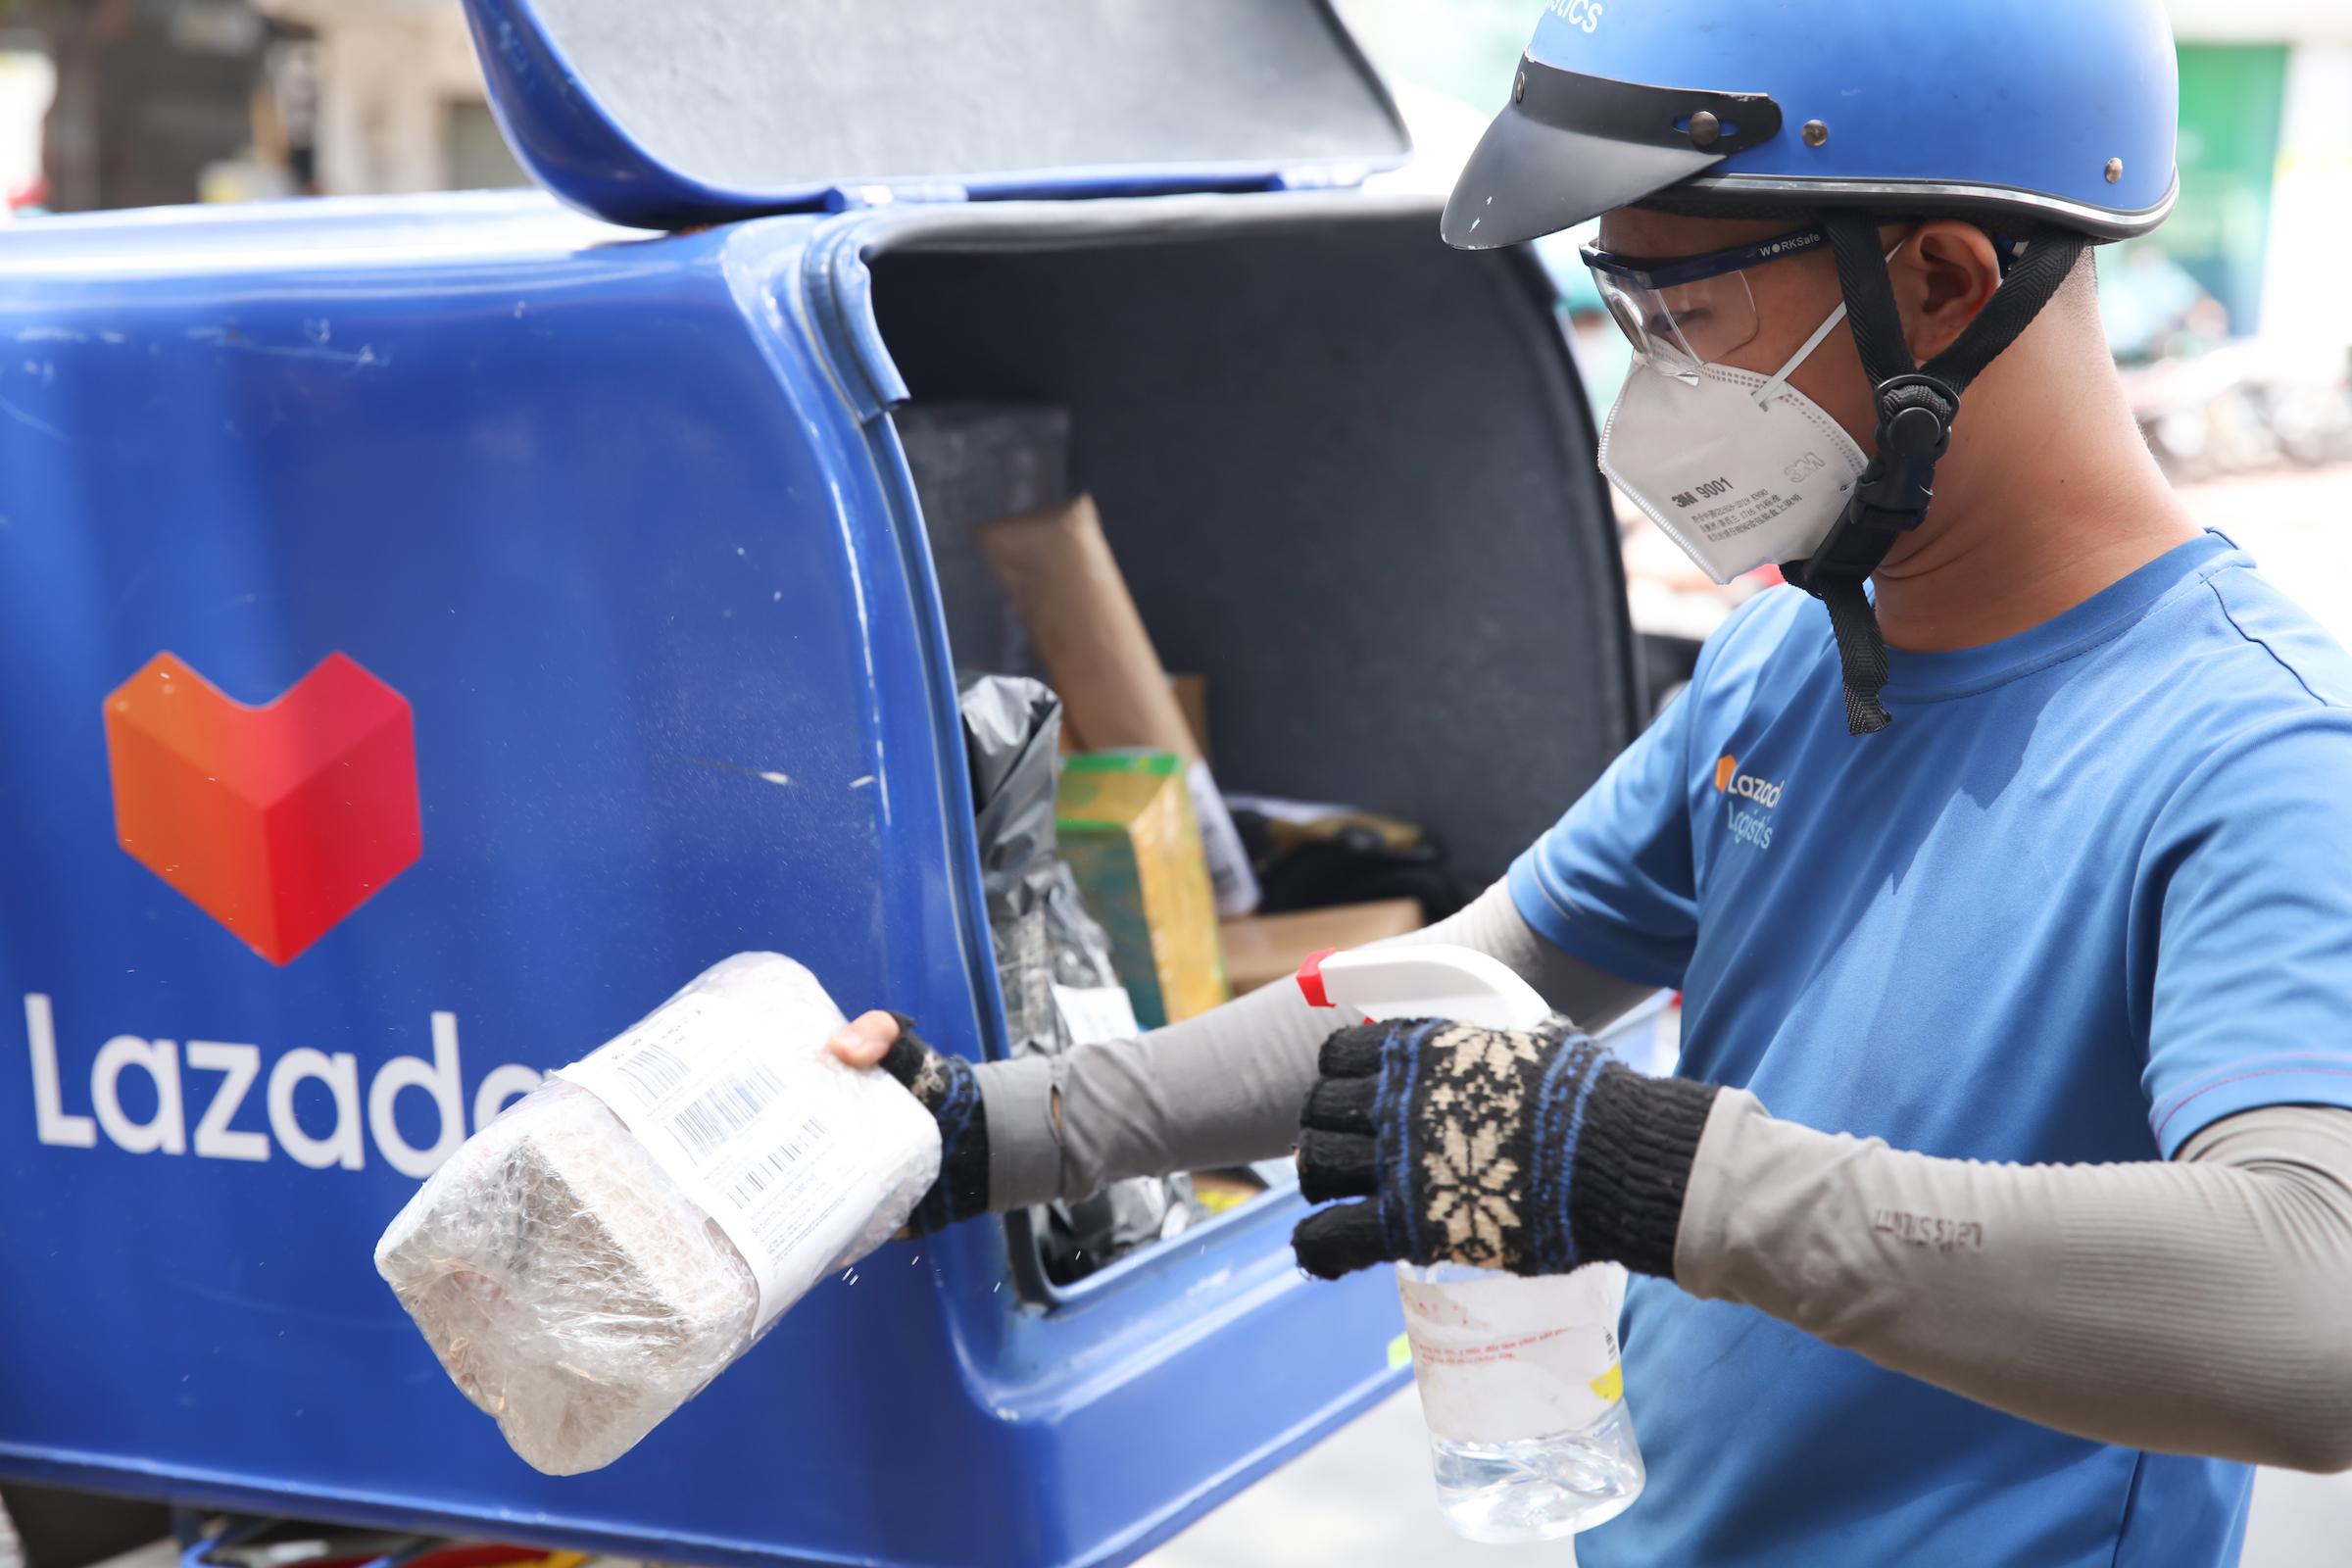 Shipper Lazada Logistics xịt khử khuẩn gói hàng trước khi giao cho người nhận. Ảnh: Lazada Việt Nam